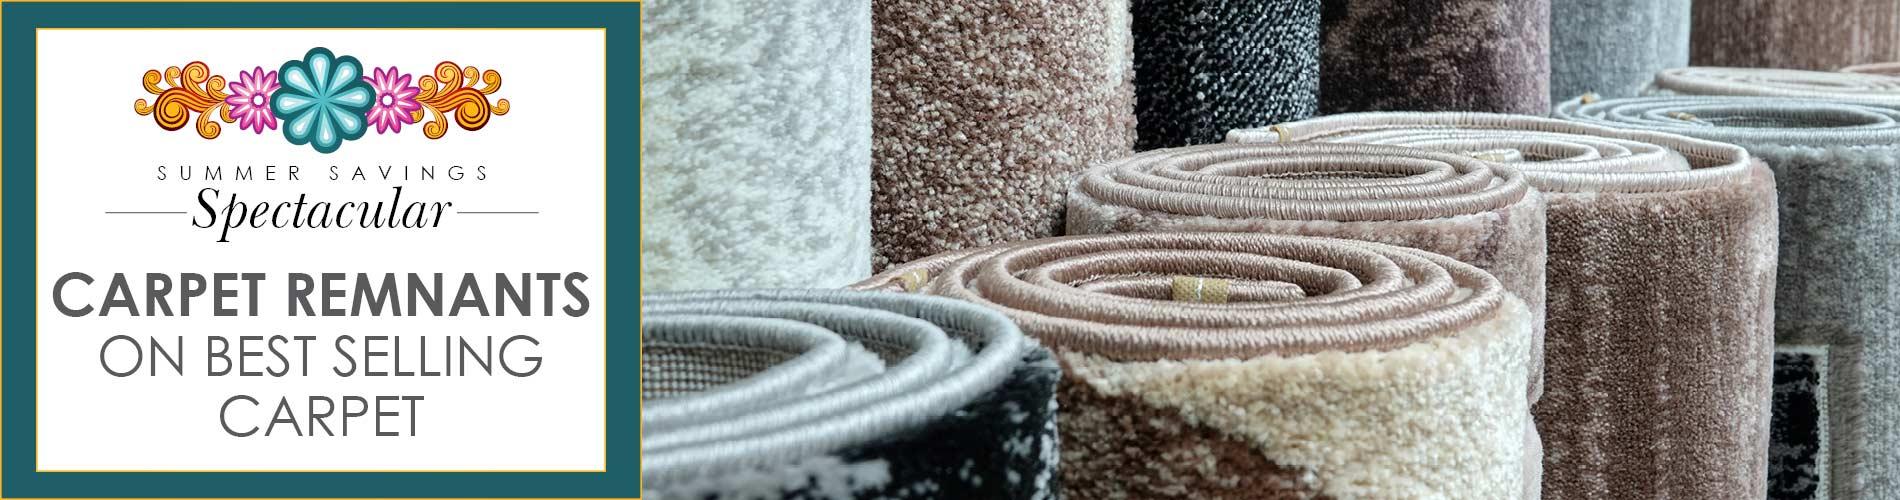 Carpet remnants on best selling carpet